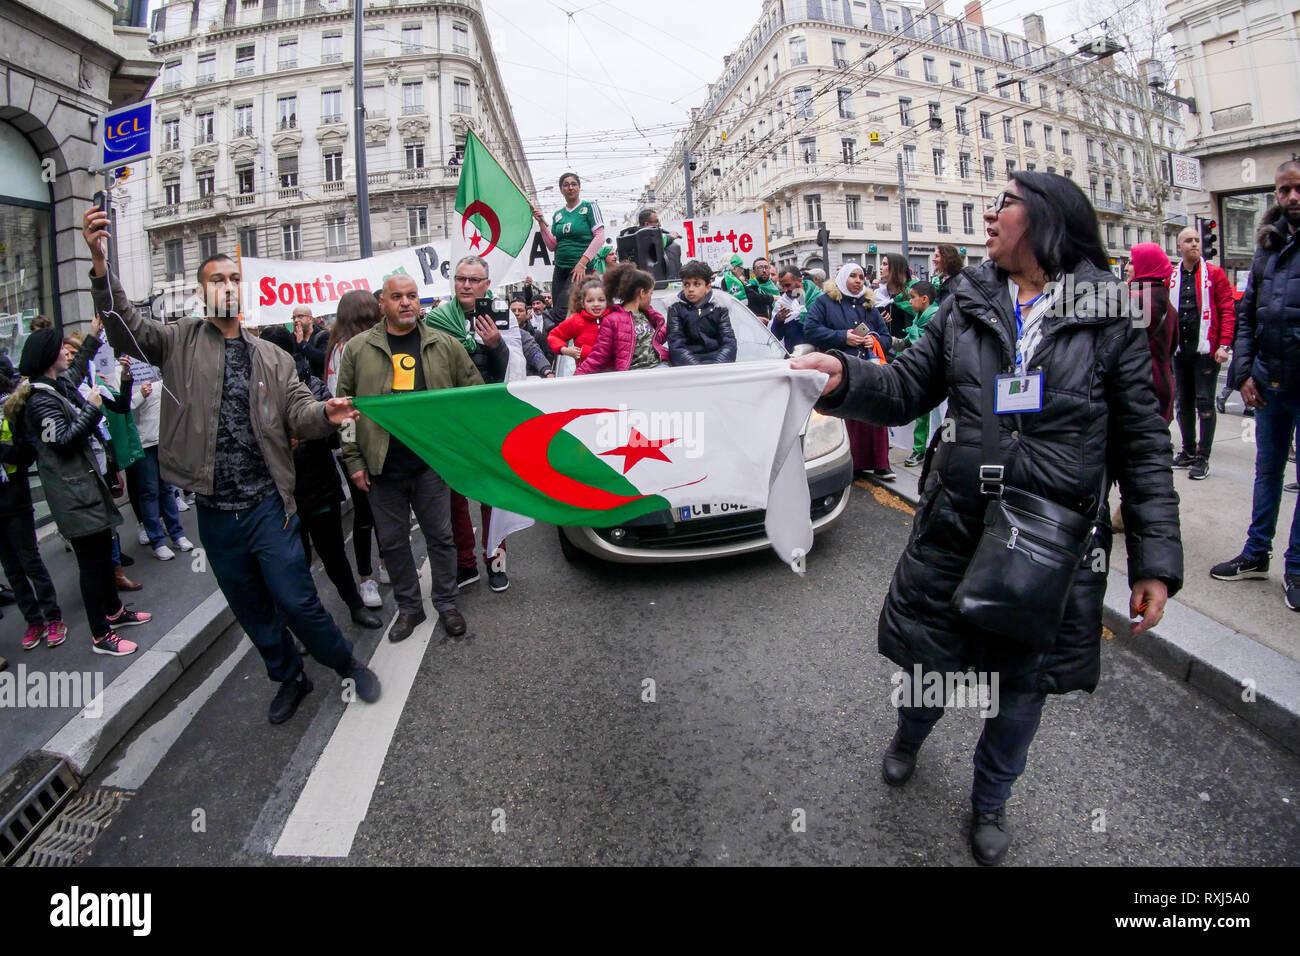 chat incontri gratuiti algeria